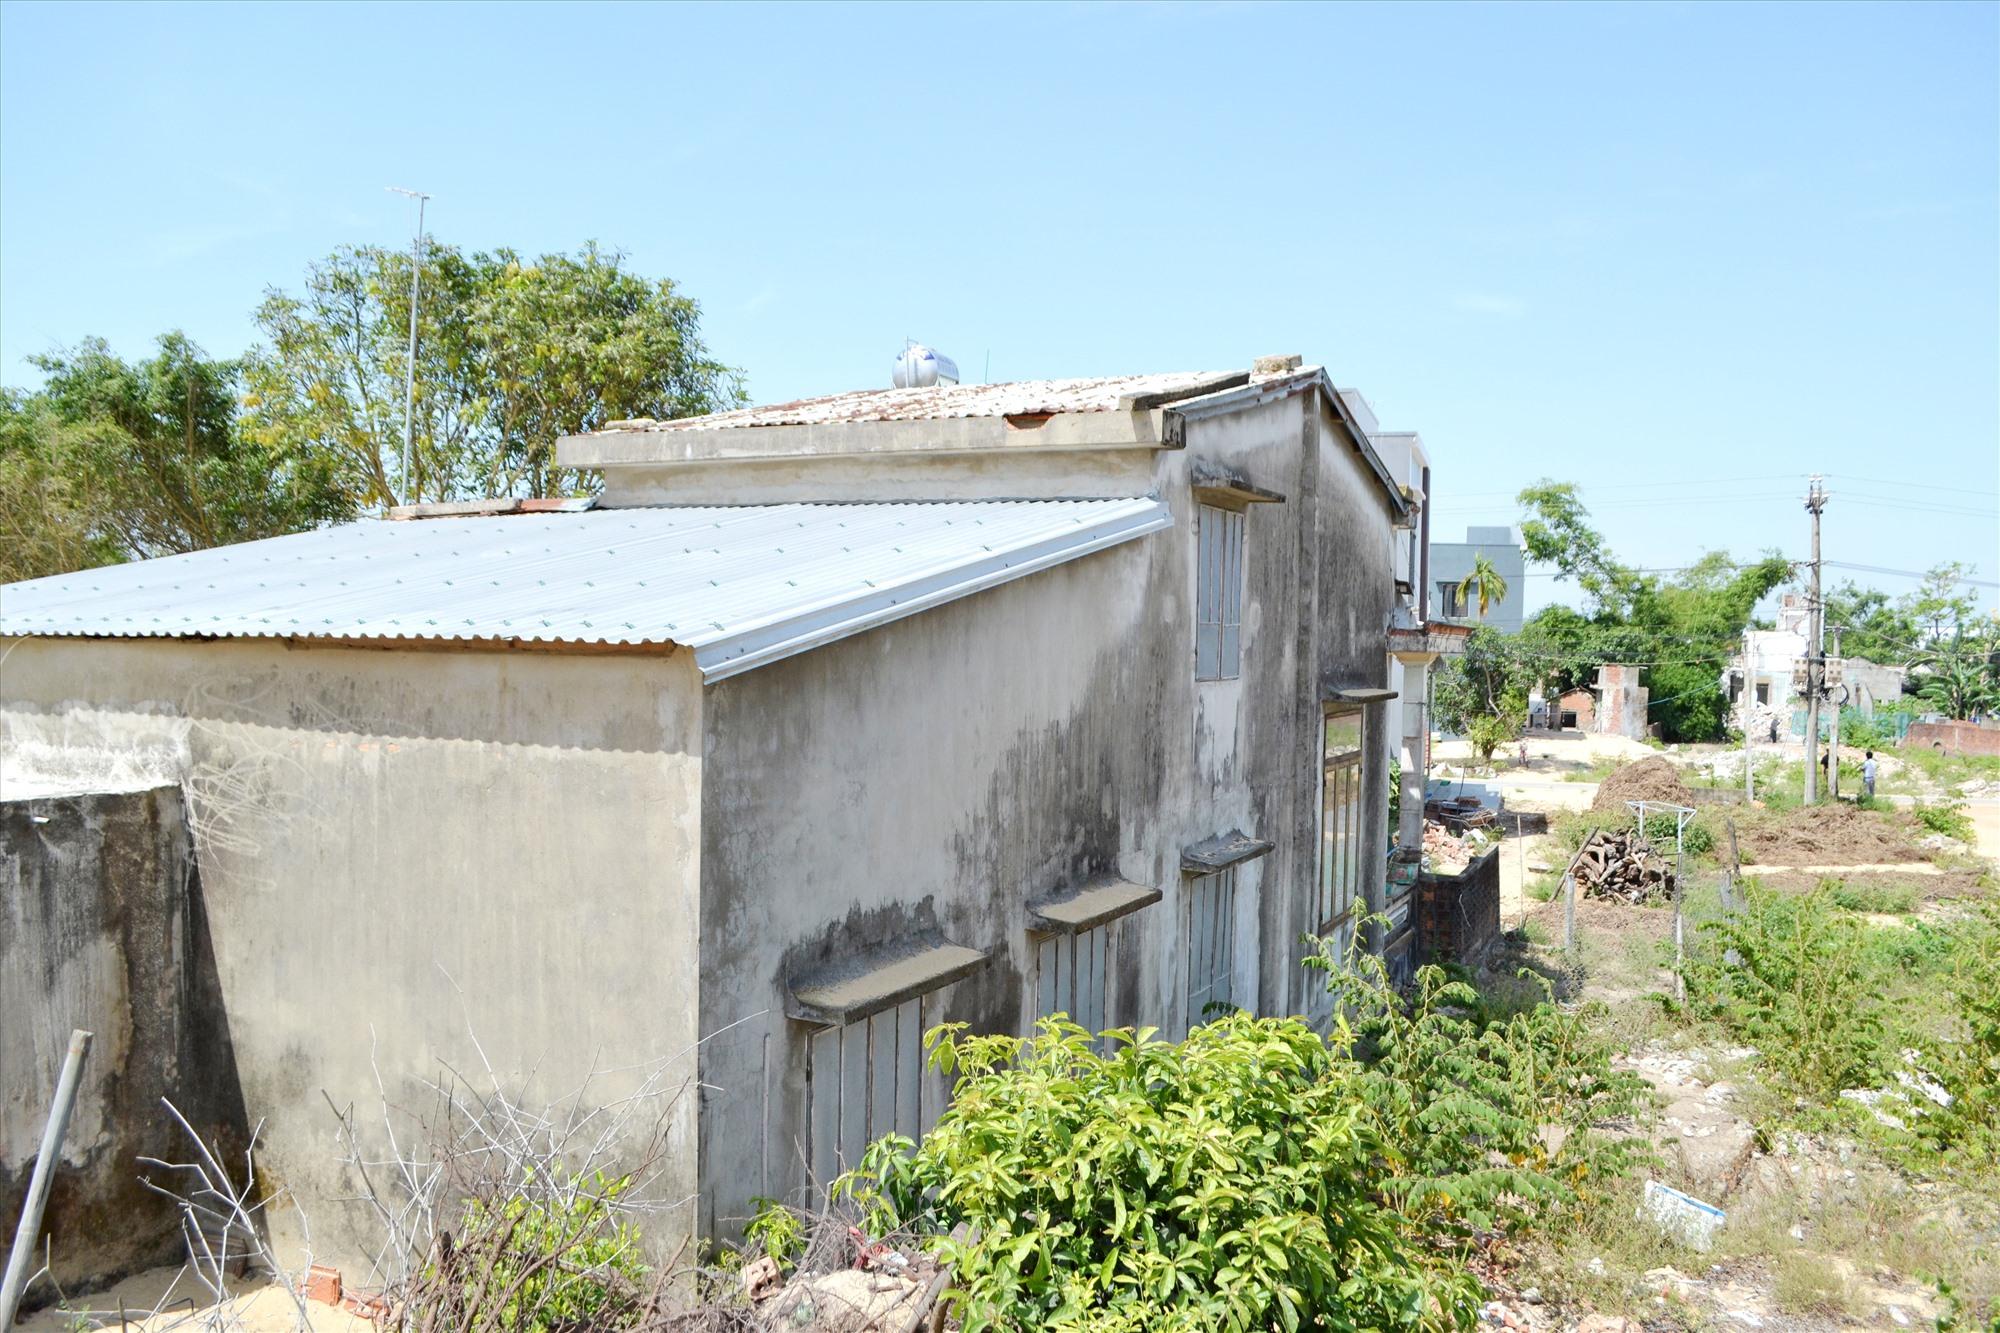 Căn nhà của bà Văn Thị Vui (gần đầu tuyến, thuộc xã Bình Đào) bị ảnh hưởng bởi dự án đã nhận tiền bồi thường và chuẩn bị bàn giao mặt bằng. Ảnh: CT